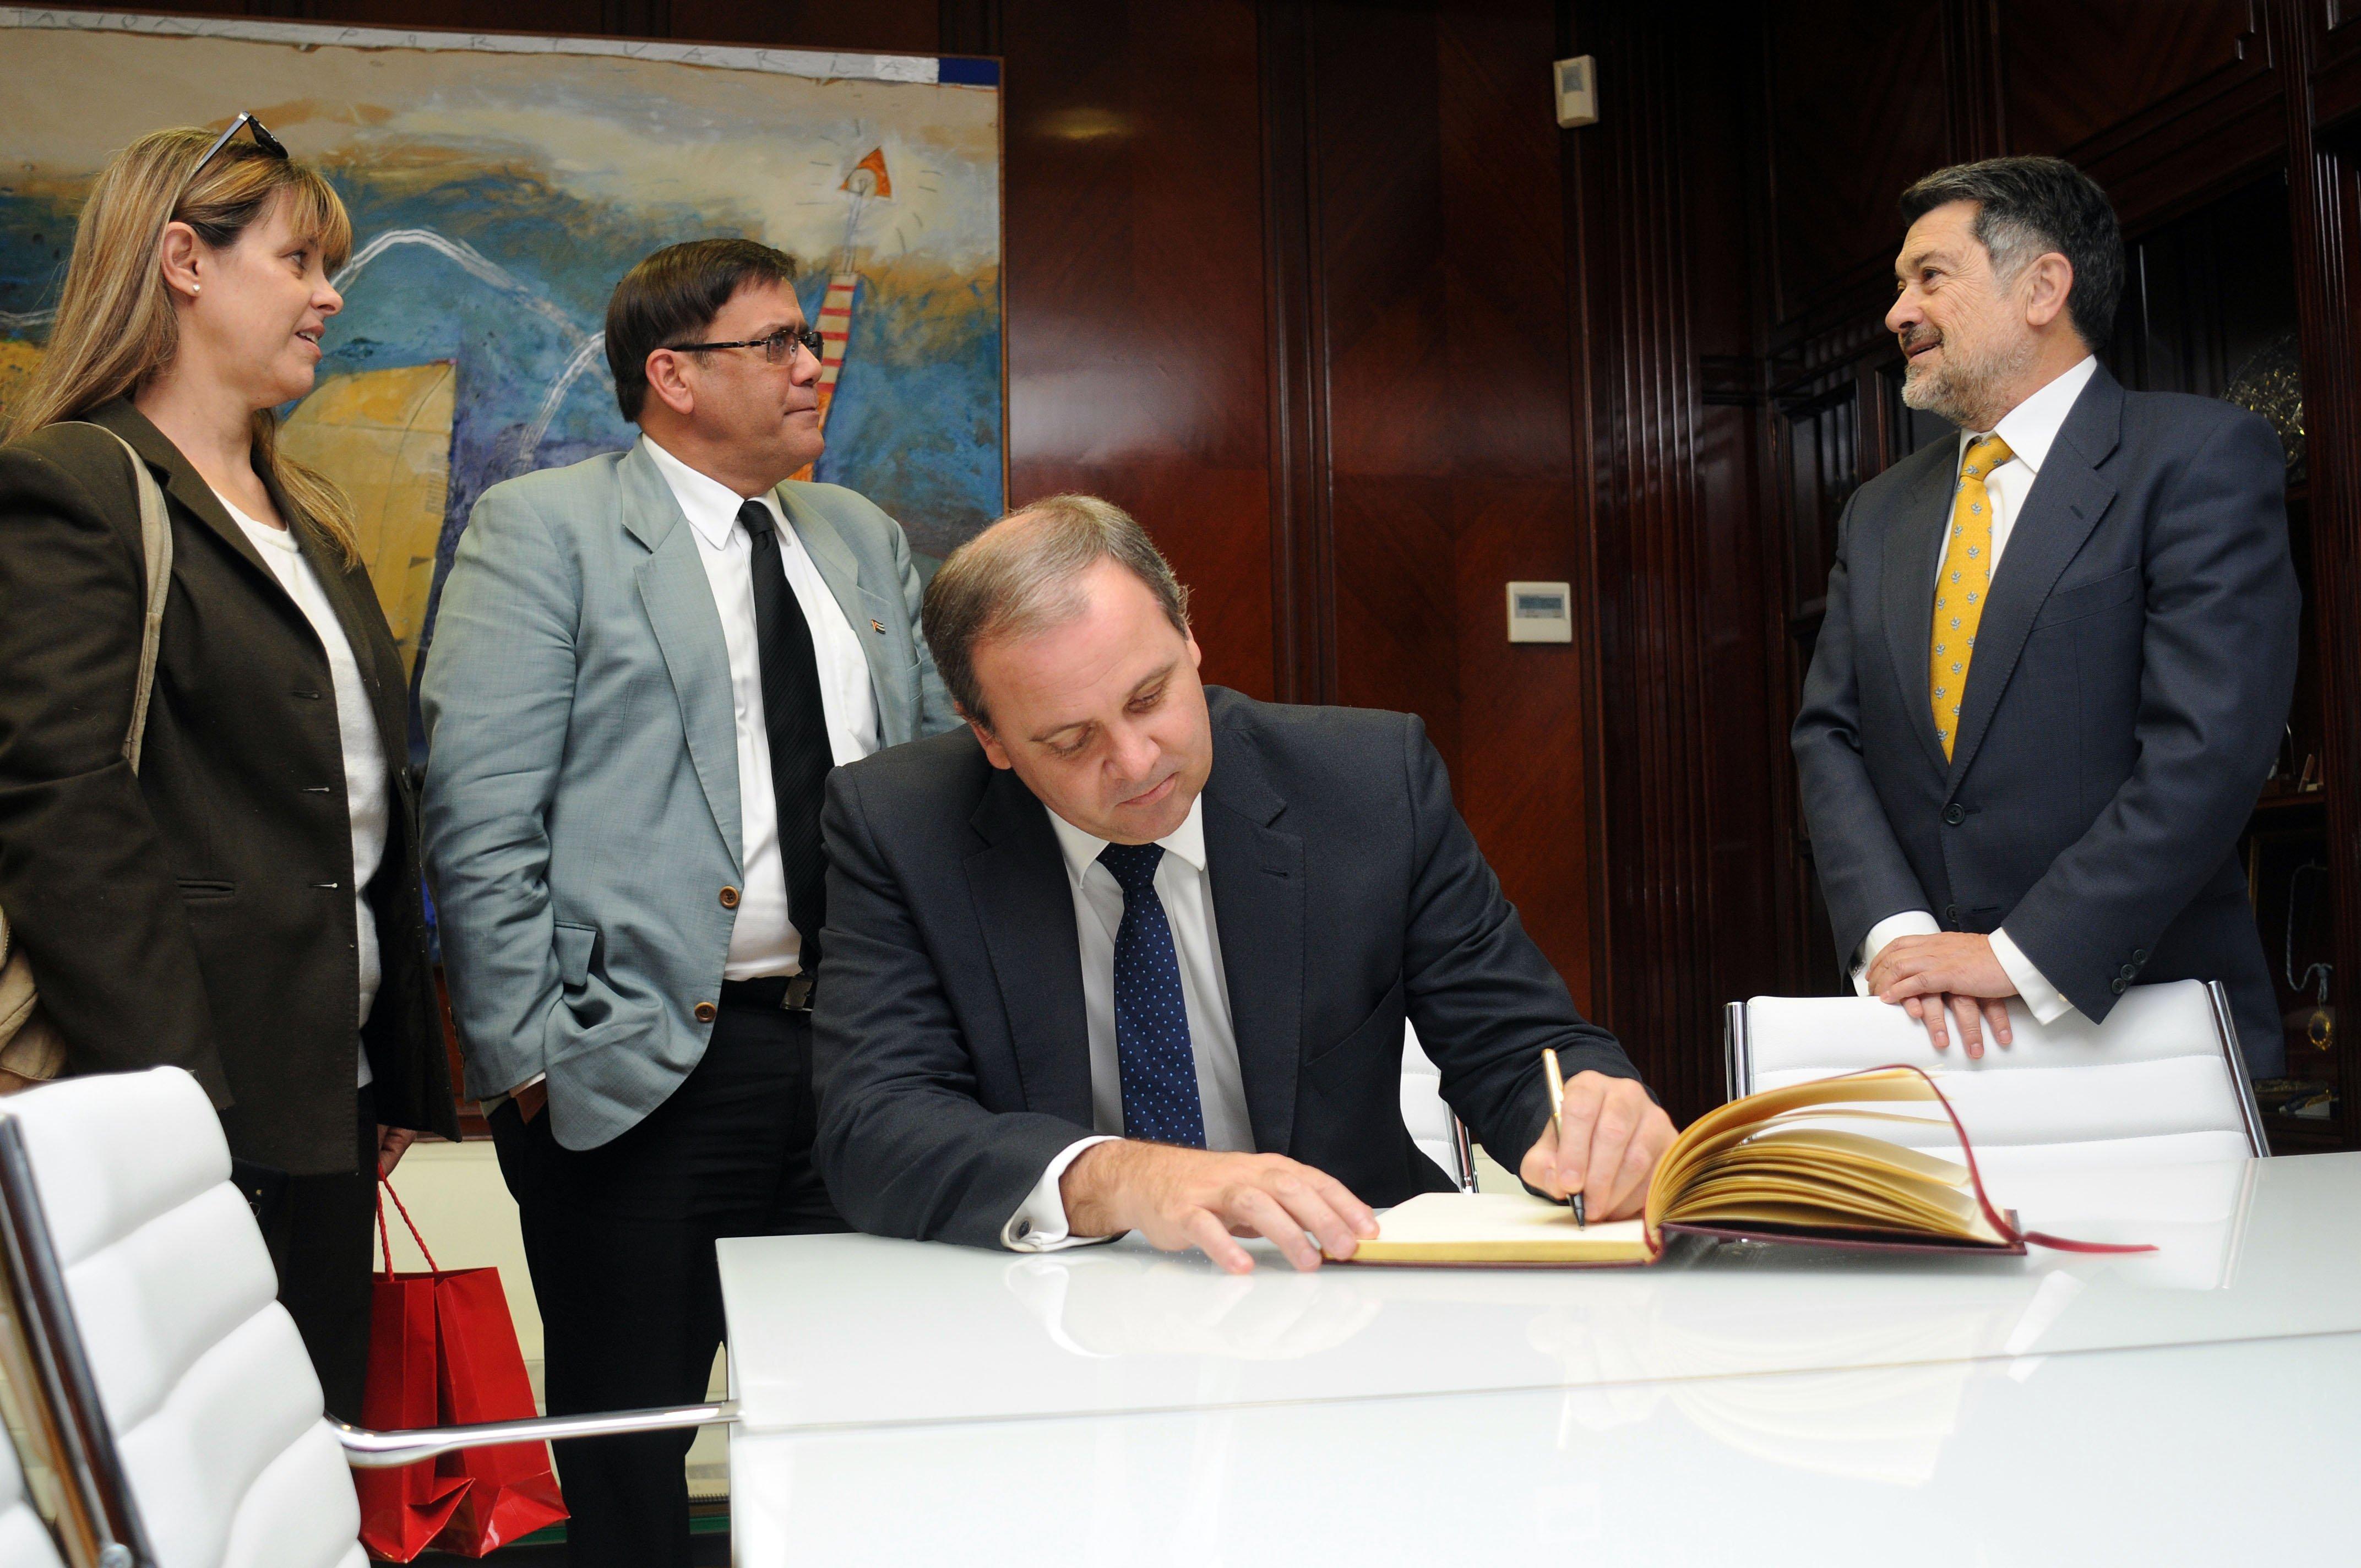 El embajador de cuba firmó en el Libro de visitas de la APH